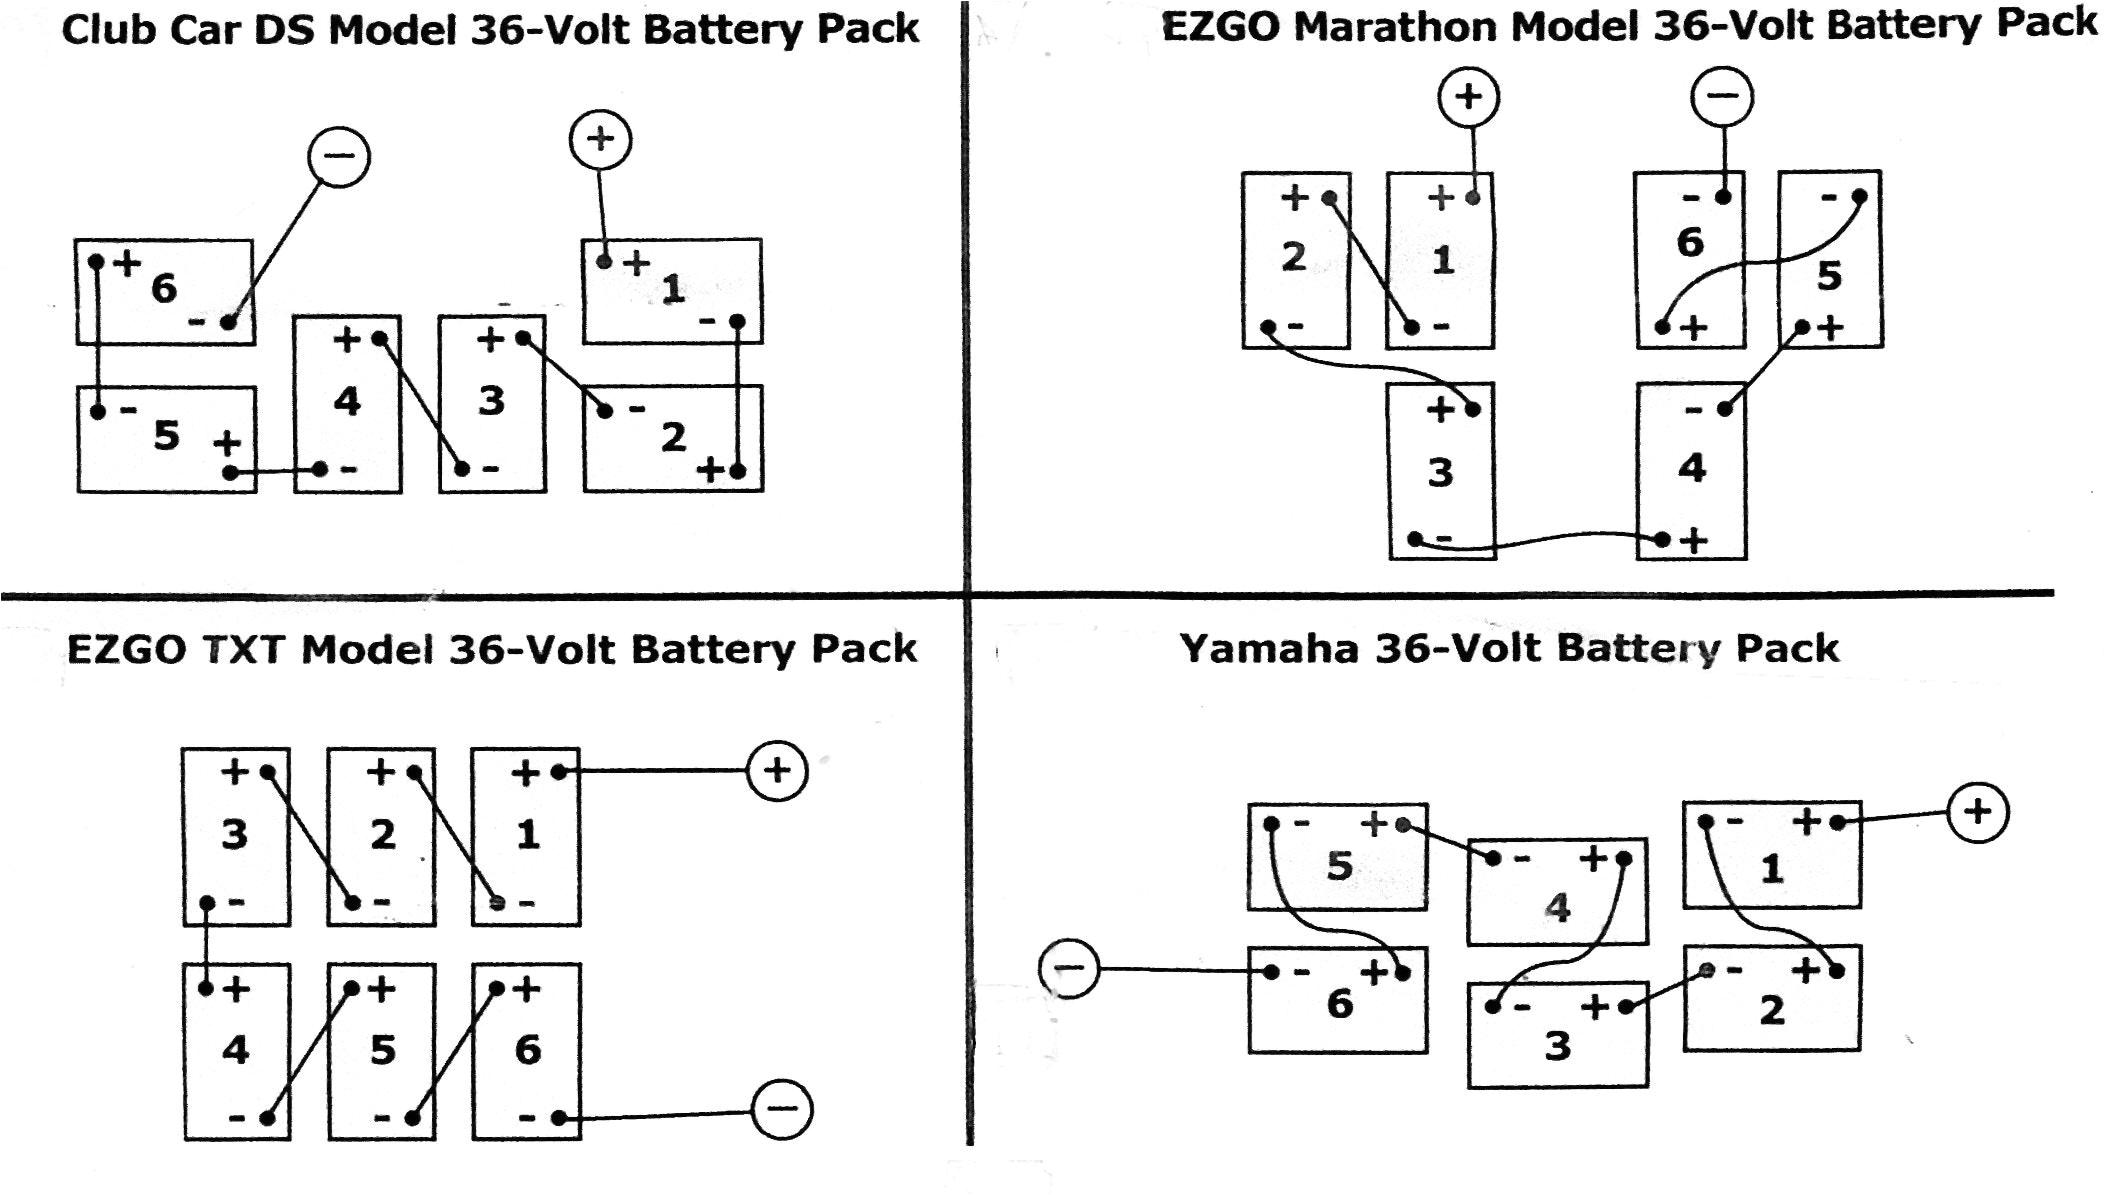 club cart battery diagram wiring diagram mega club cart battery wiring diagram club car golf cart